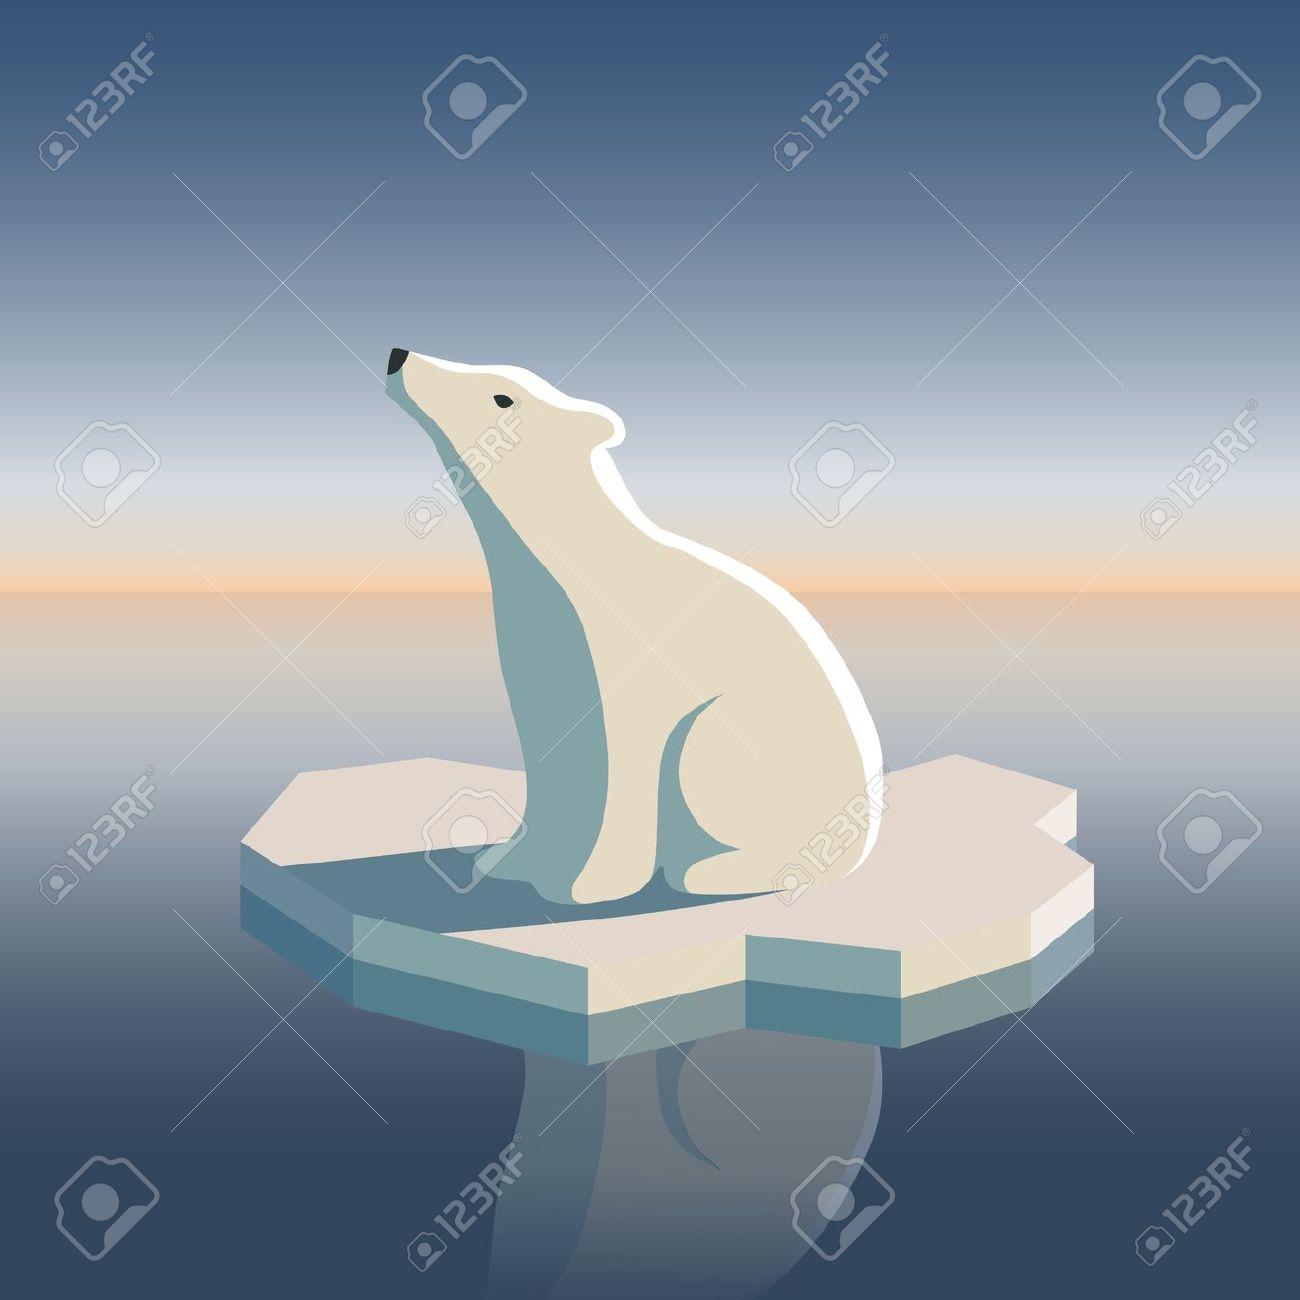 Polar bear on ice clipart.